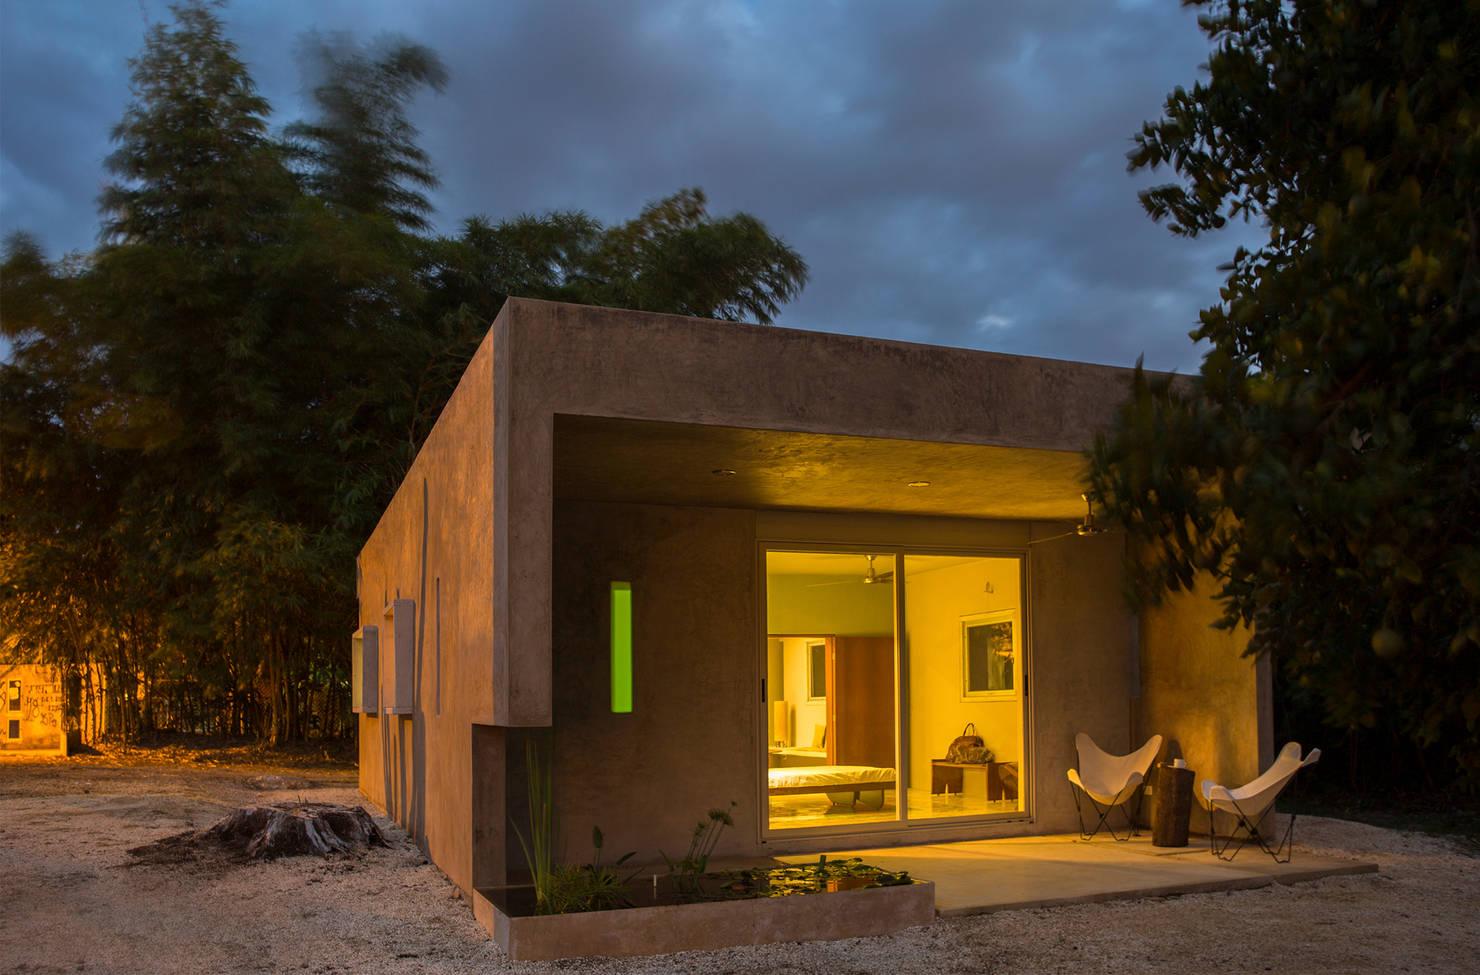 Проект одноэтажного дома из блоков за 0,8 млн рублей- фотографии